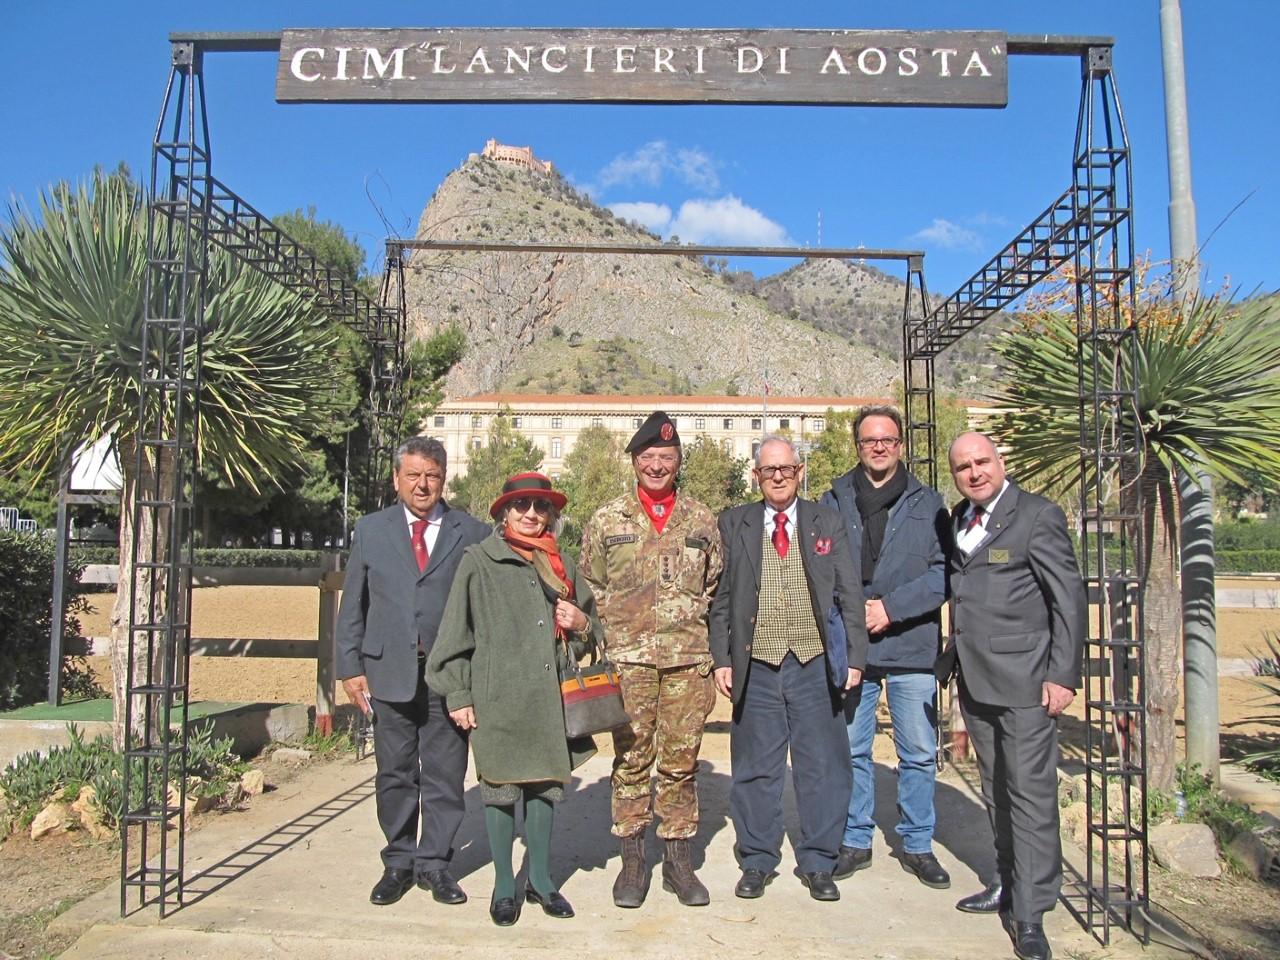 """Rientrato a Palermo il Rgt. """"Lancieri d'Aosta"""": encomio per la missione in Libano"""